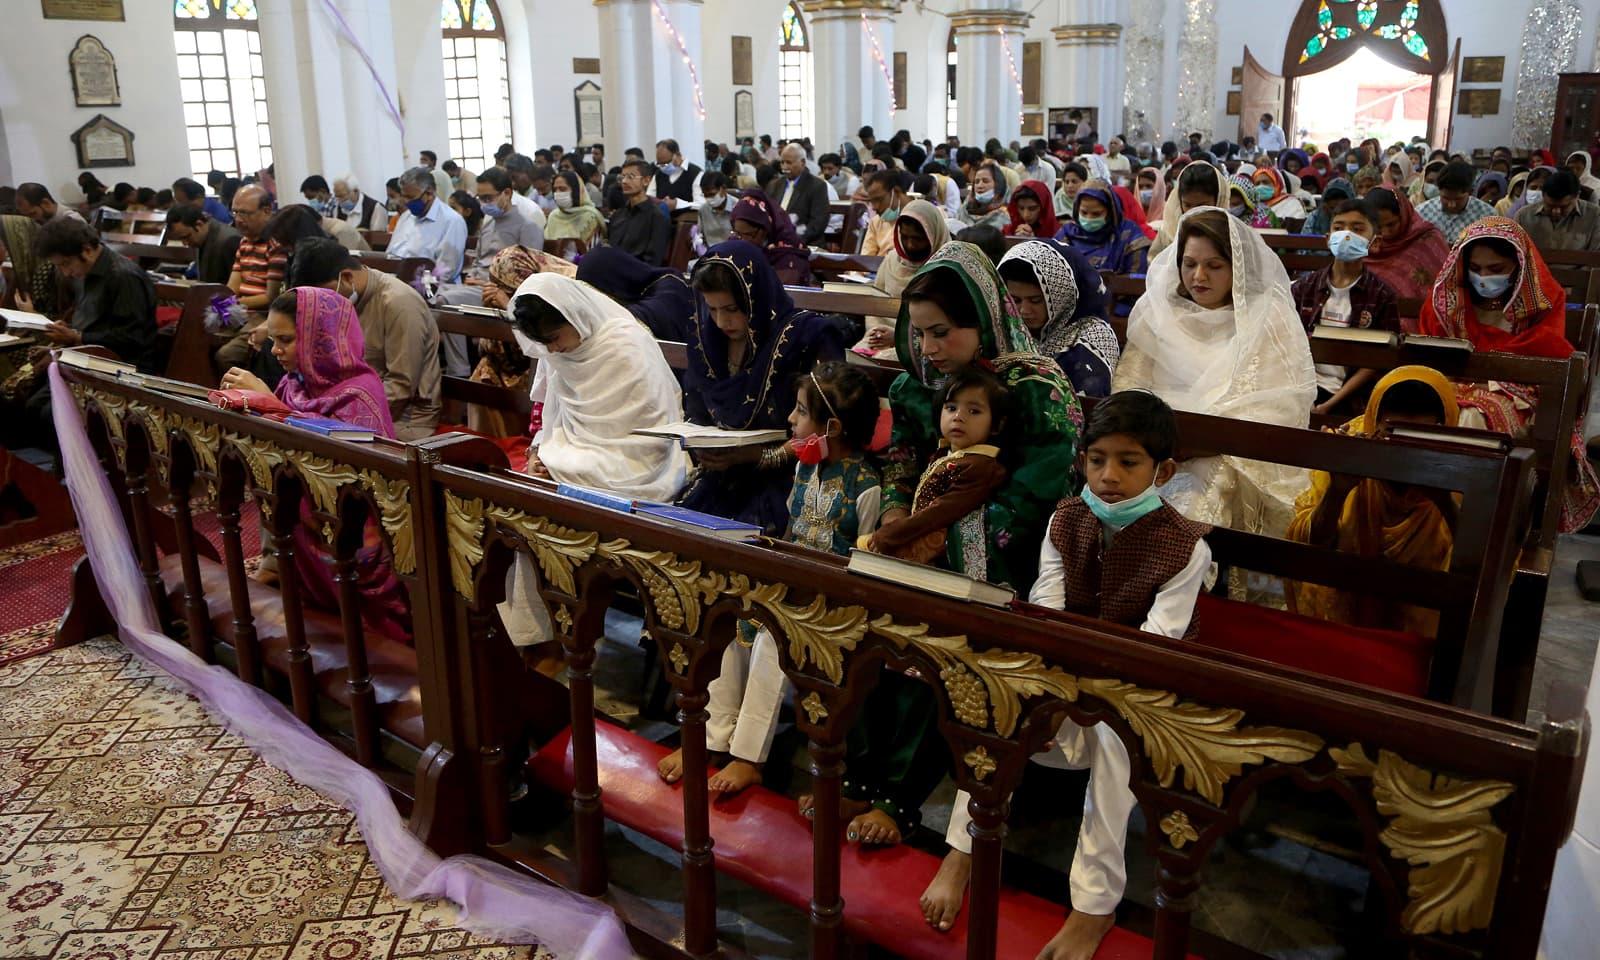 پشاور میں بھی مسیحی برادری نے ایسٹر کا تہوار منایا —فوٹو:اے پی